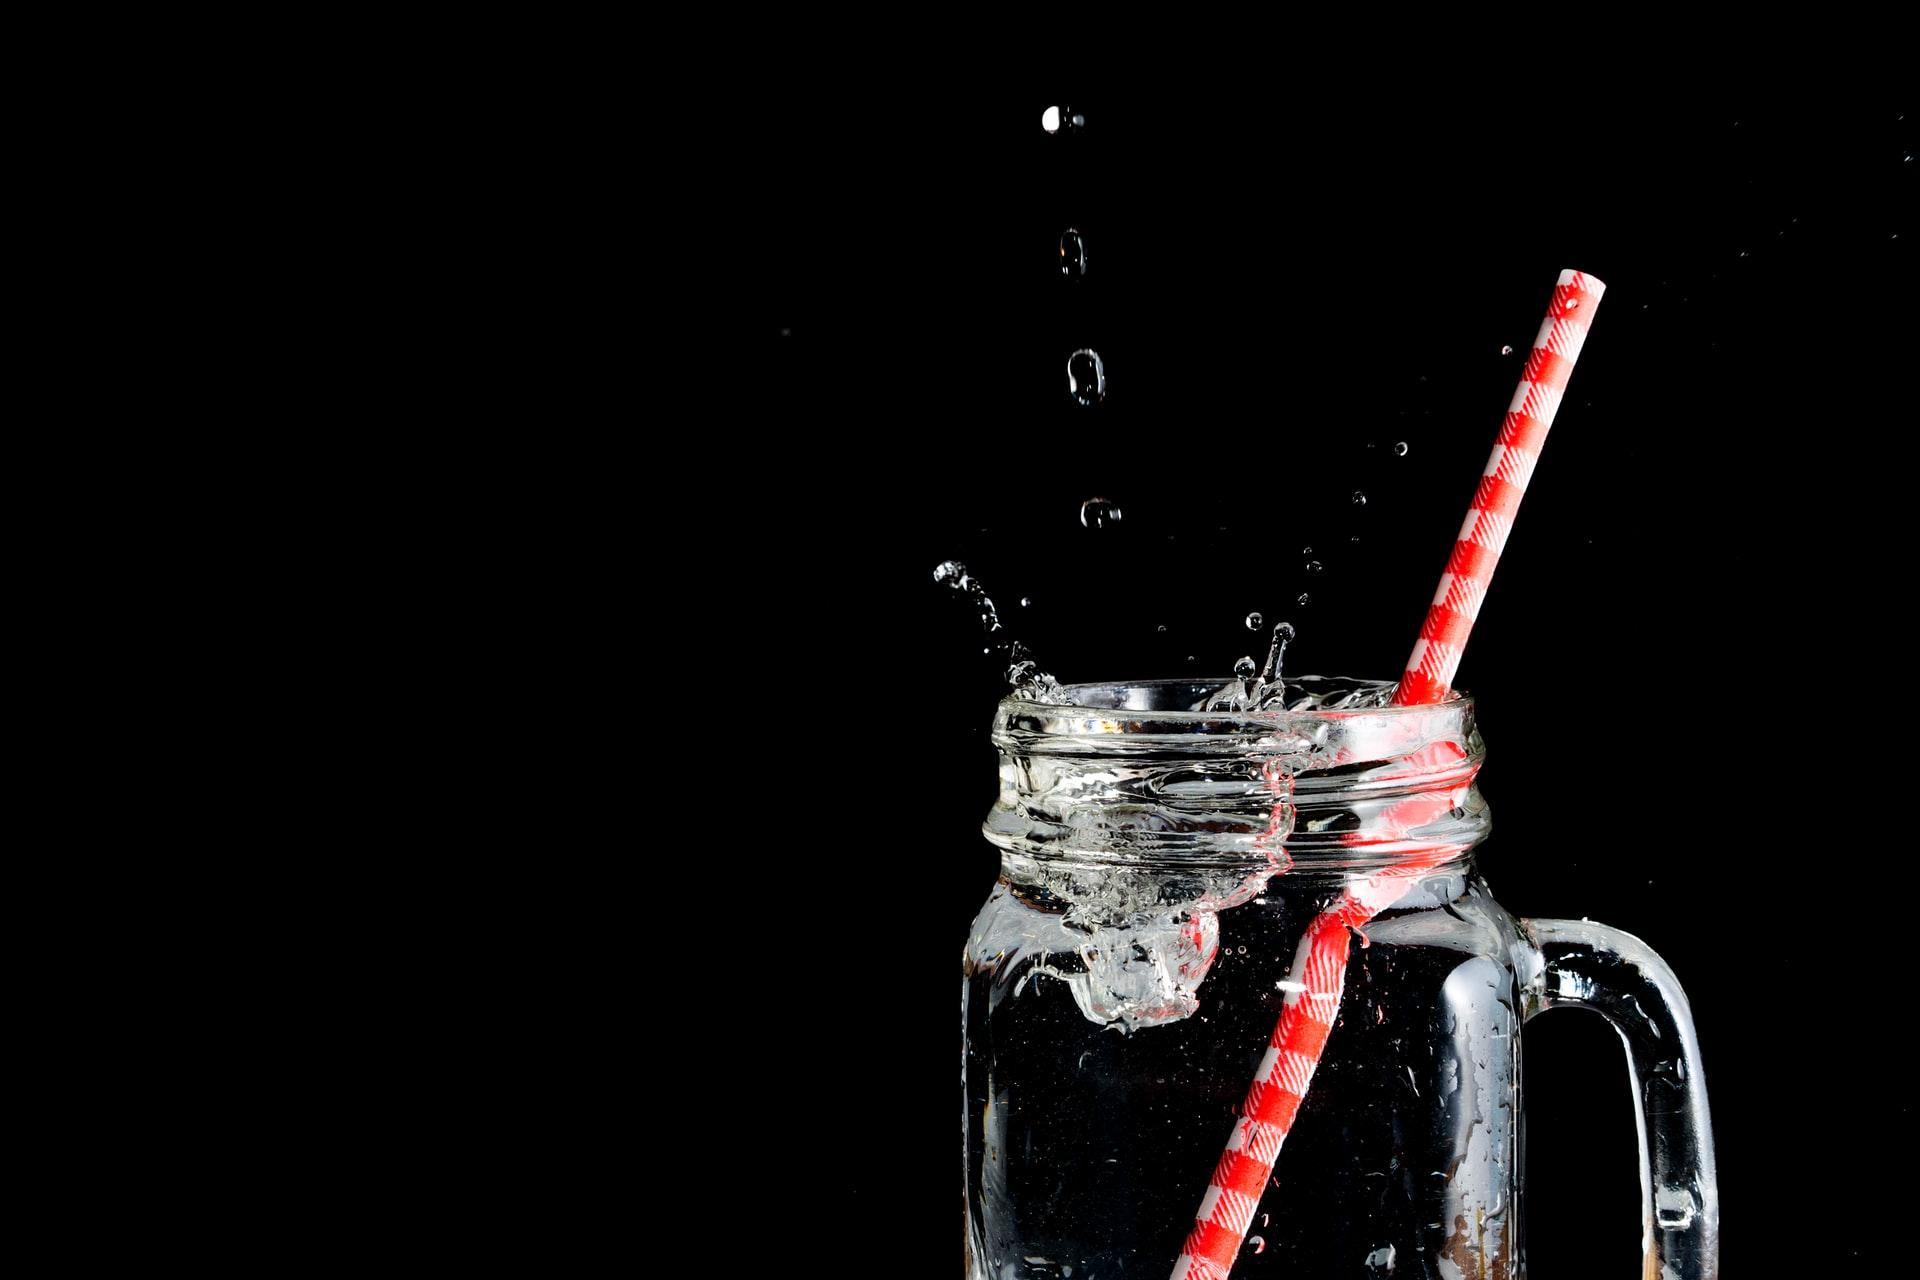 agua Bitcoin Unsplash